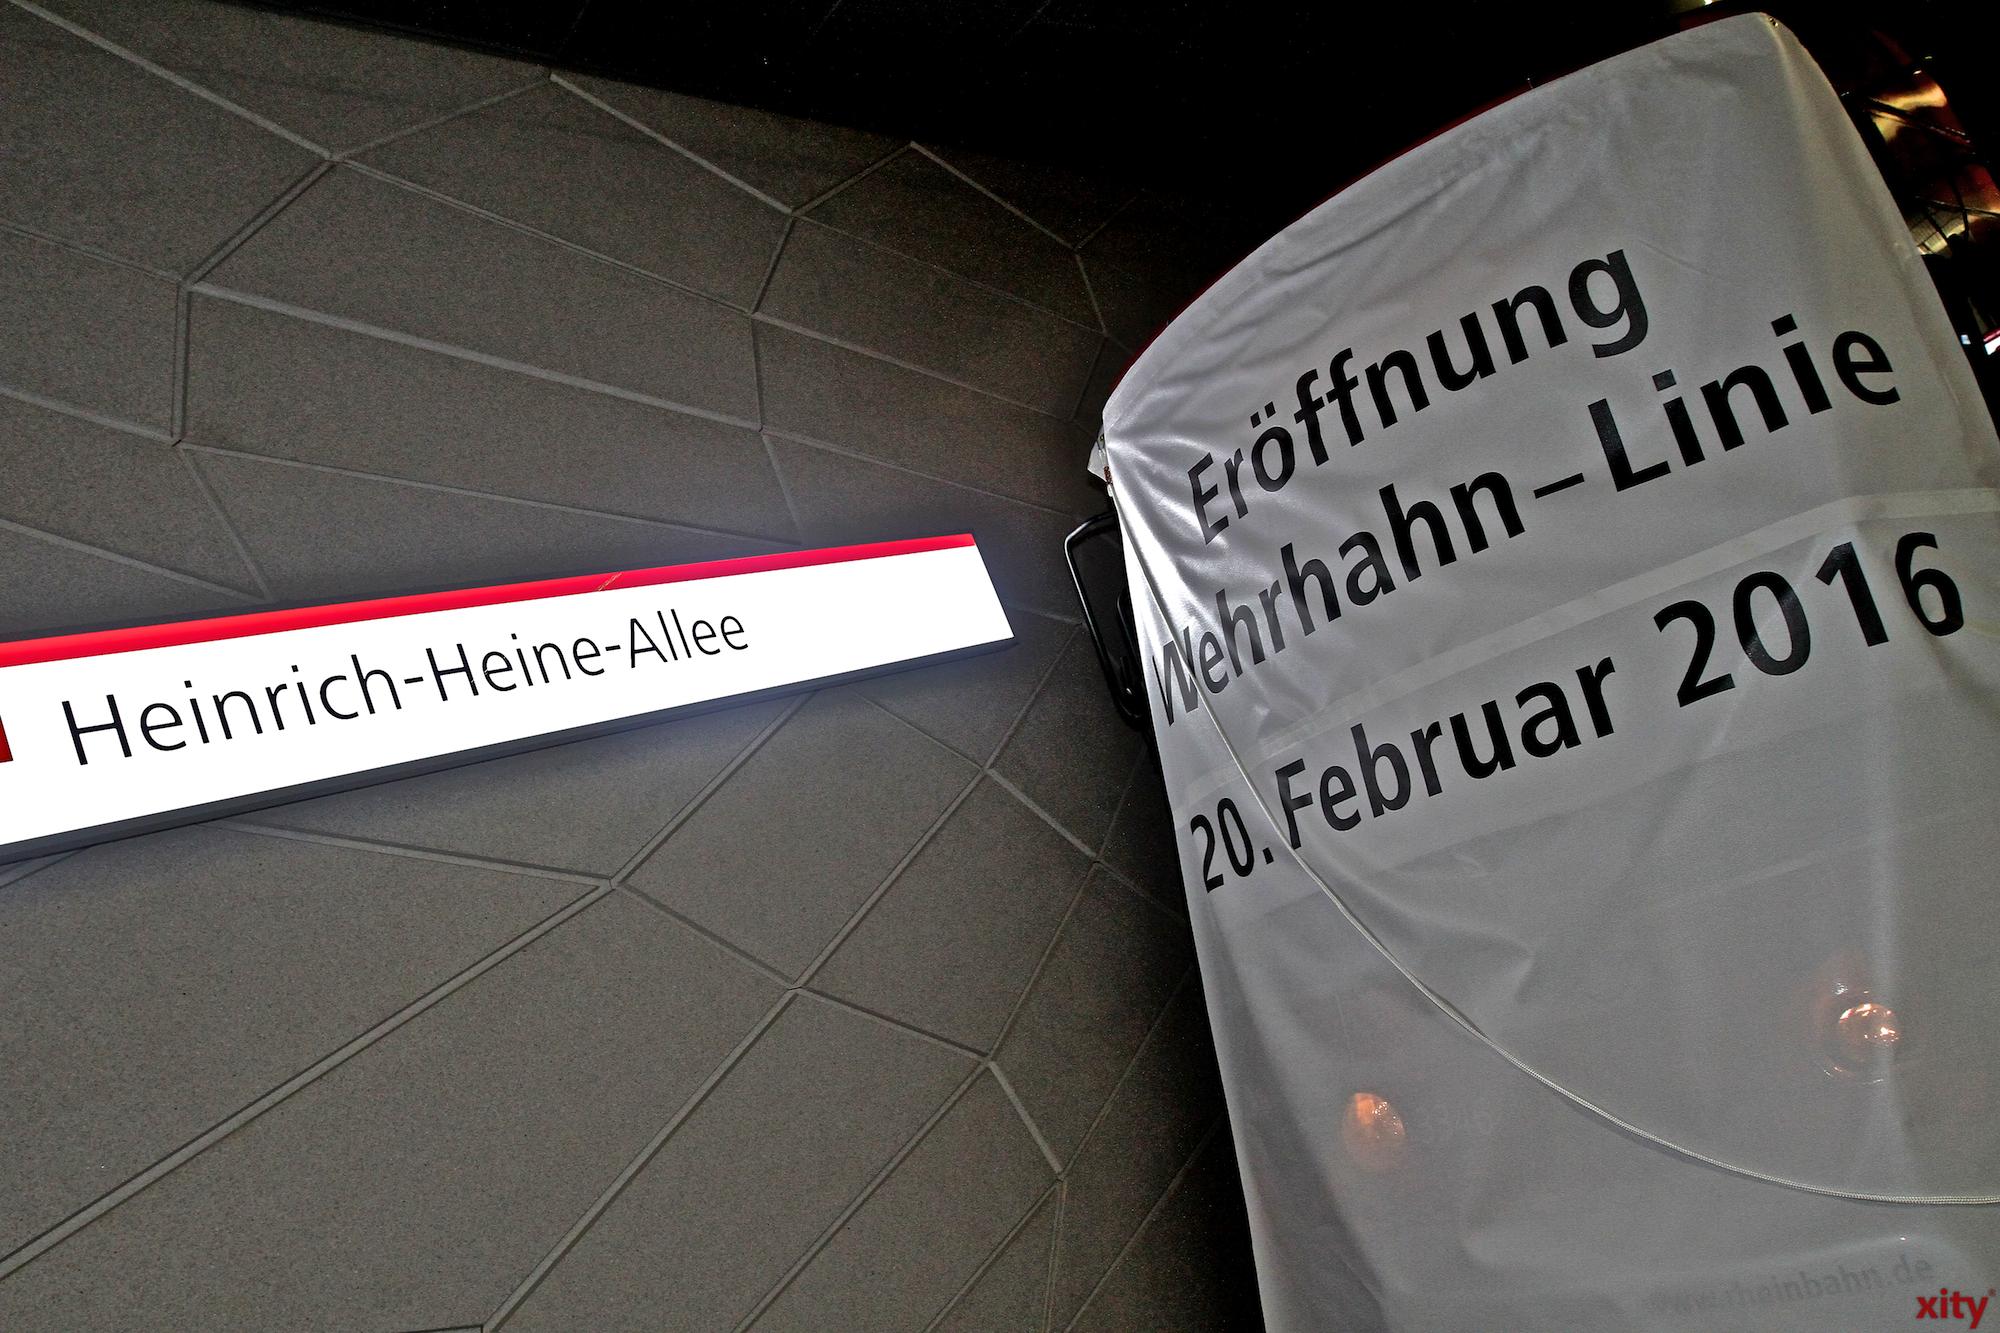 Mit der neuen Wehrhan-Linie wurden neue Bahn-Linien eingeführt, alte Bahn-Linien weggefallen und neue Fahrpläne ausgehangen (Foto: xity)